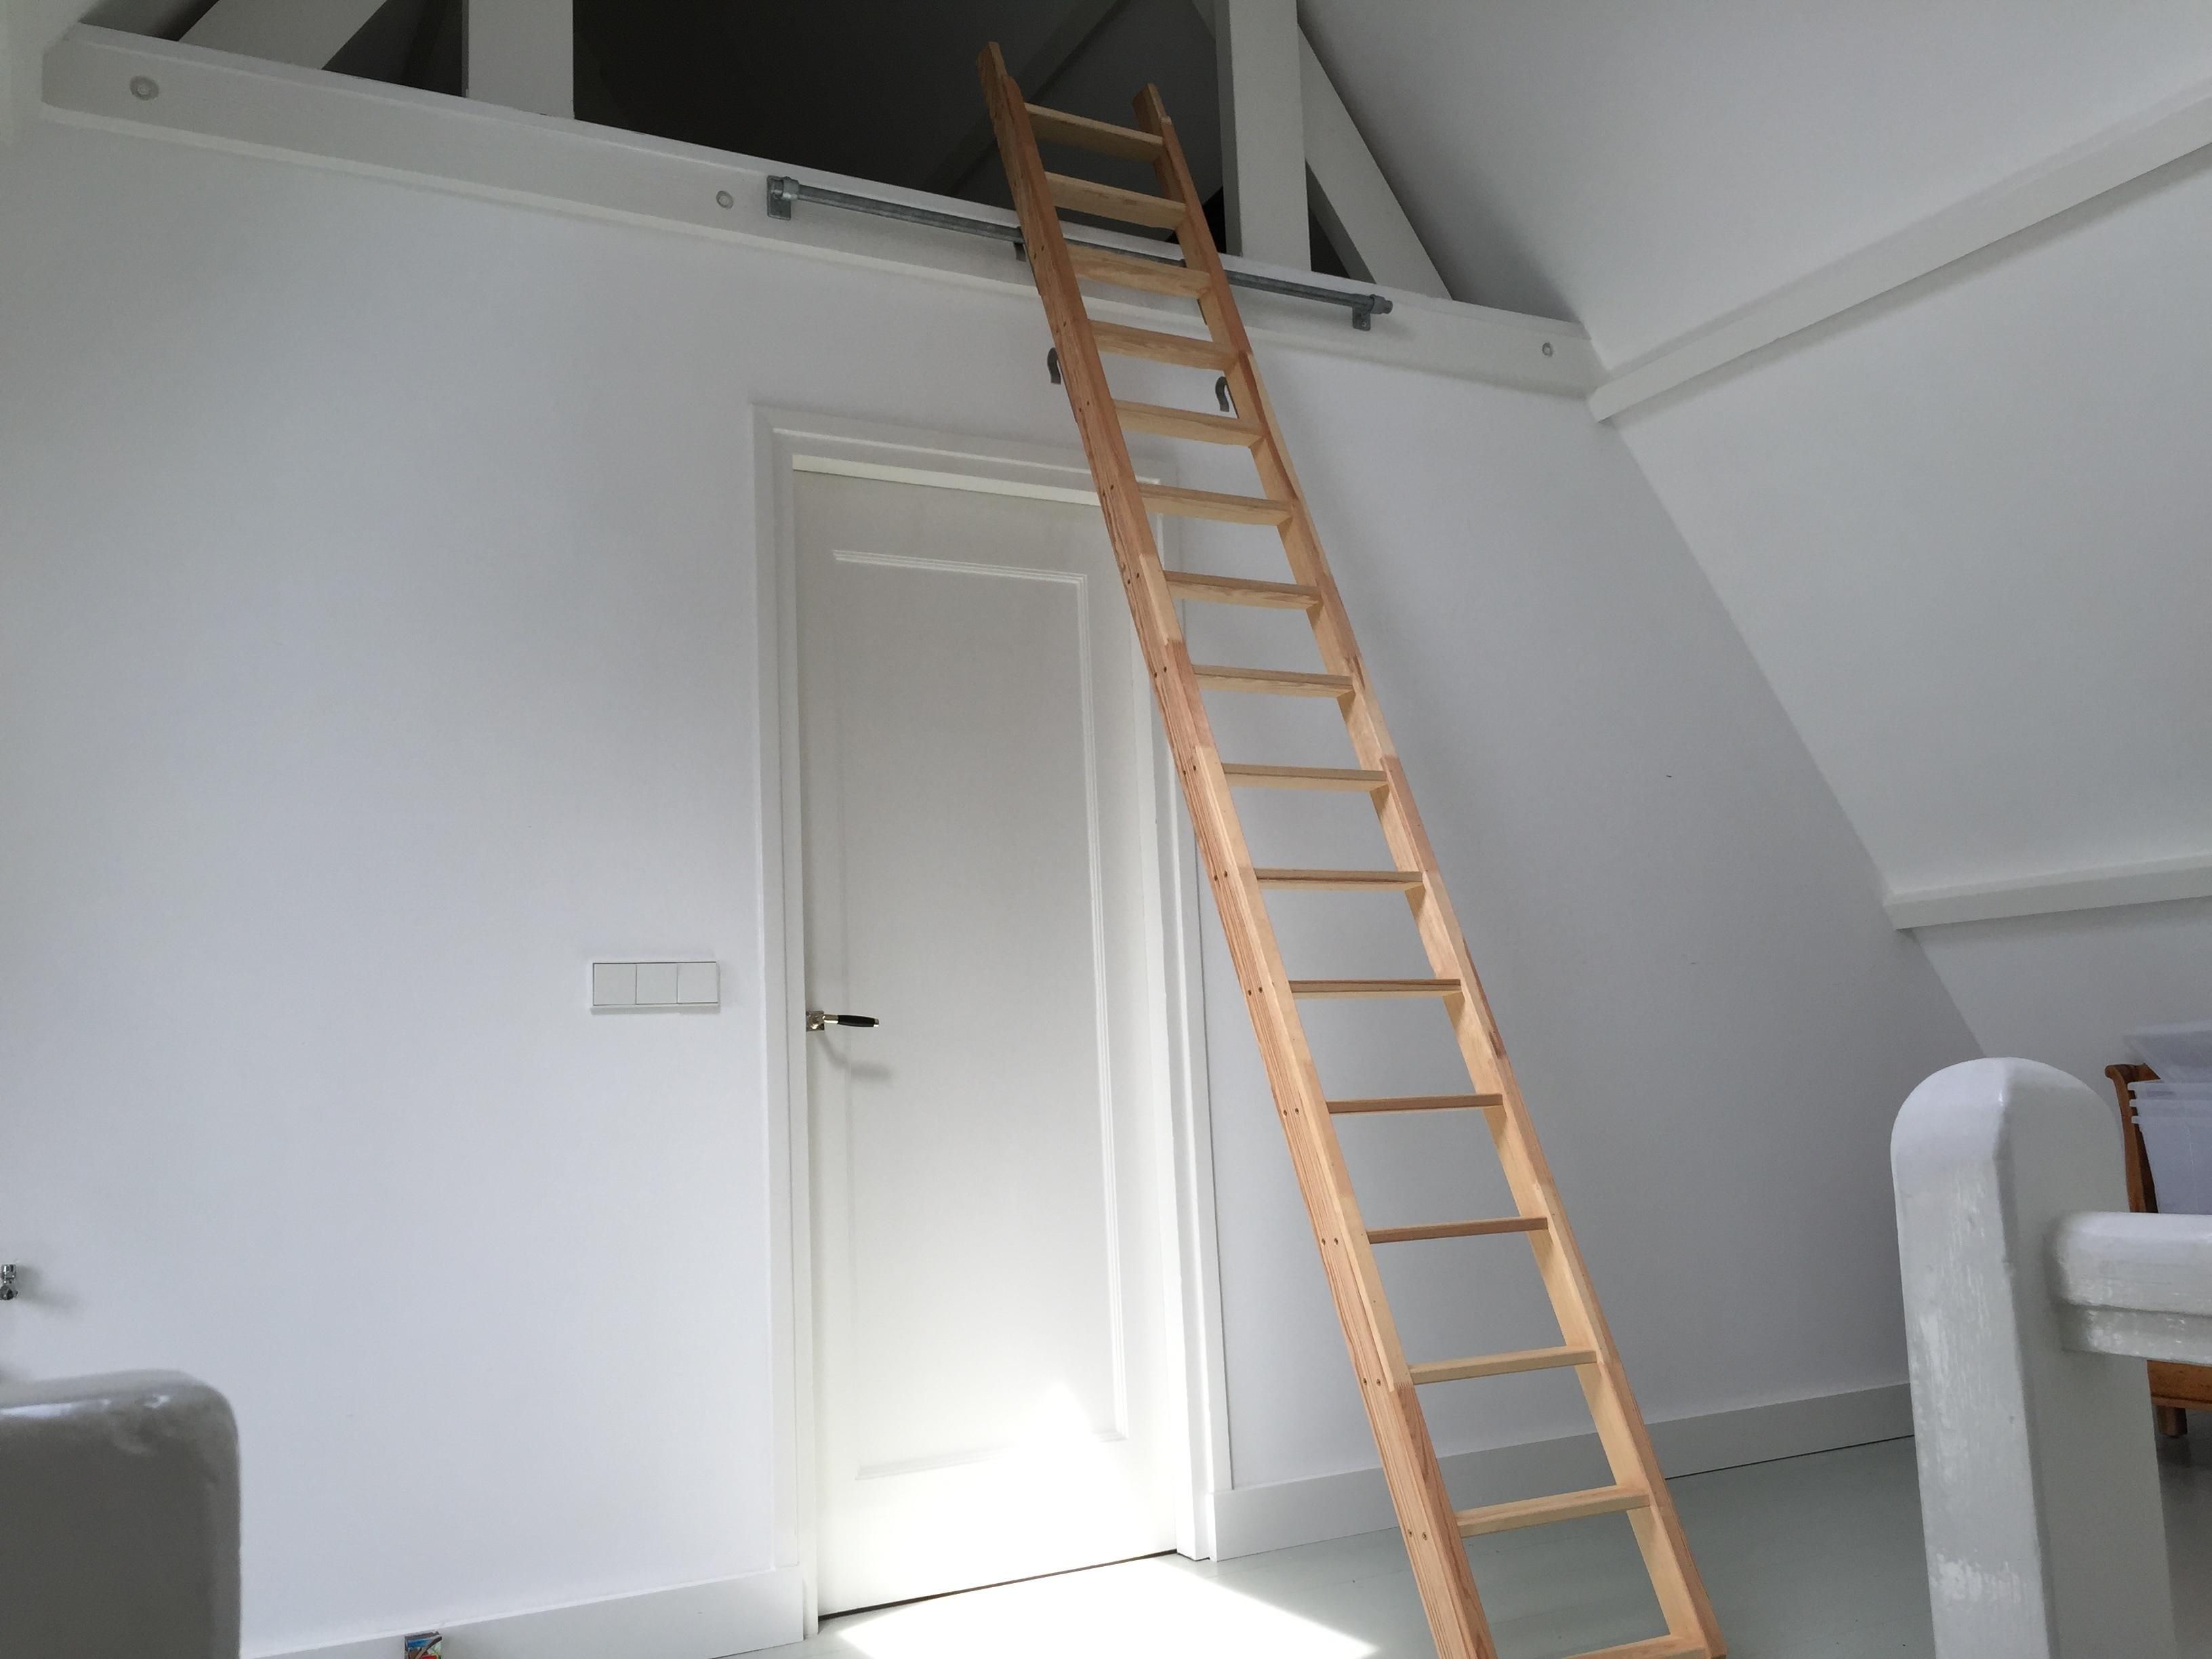 Zolder trap ladder voordemakers.nl